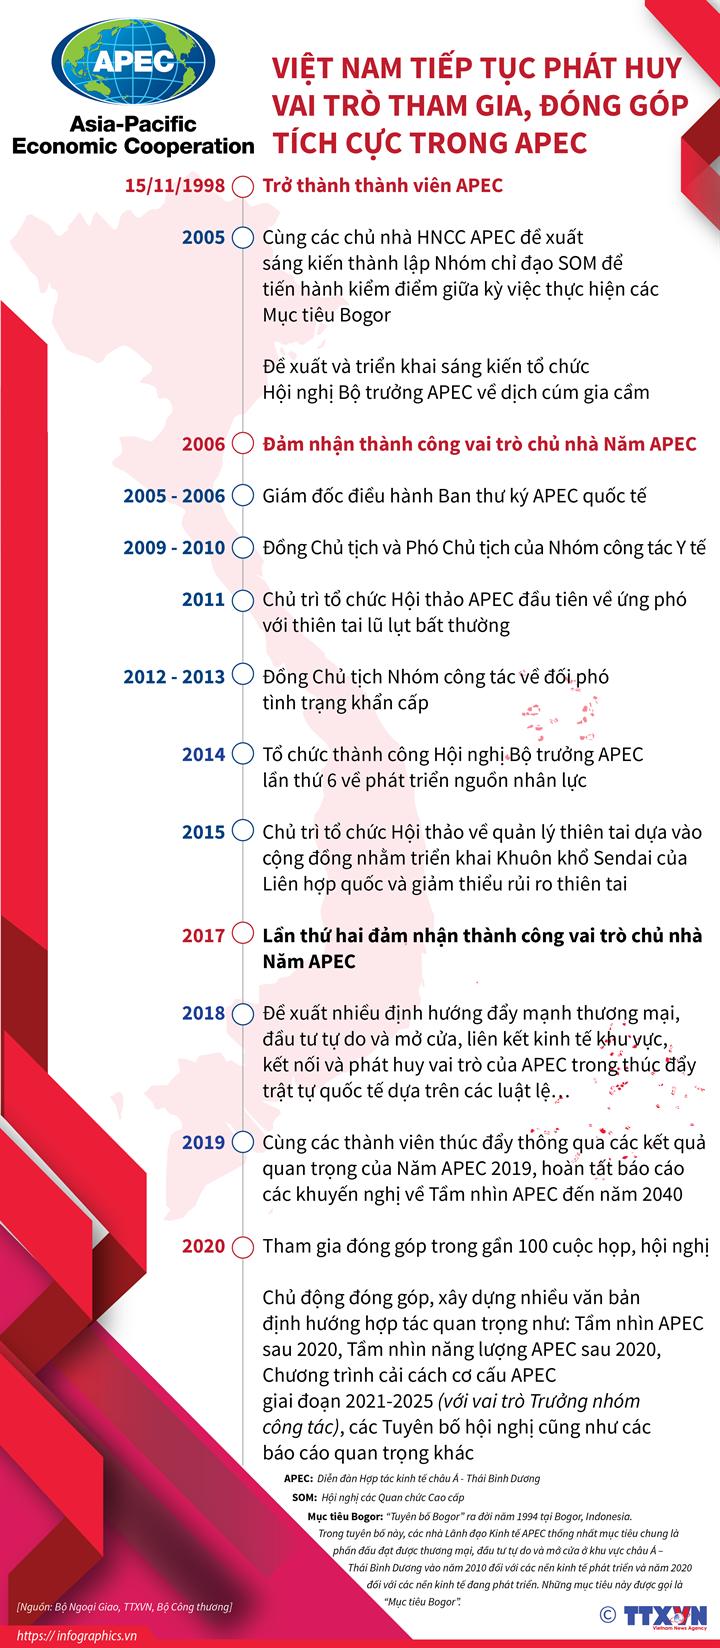 Việt Nam tiếp tục phát huy vai trò tham gia, đóng góp tích cực trong APEC